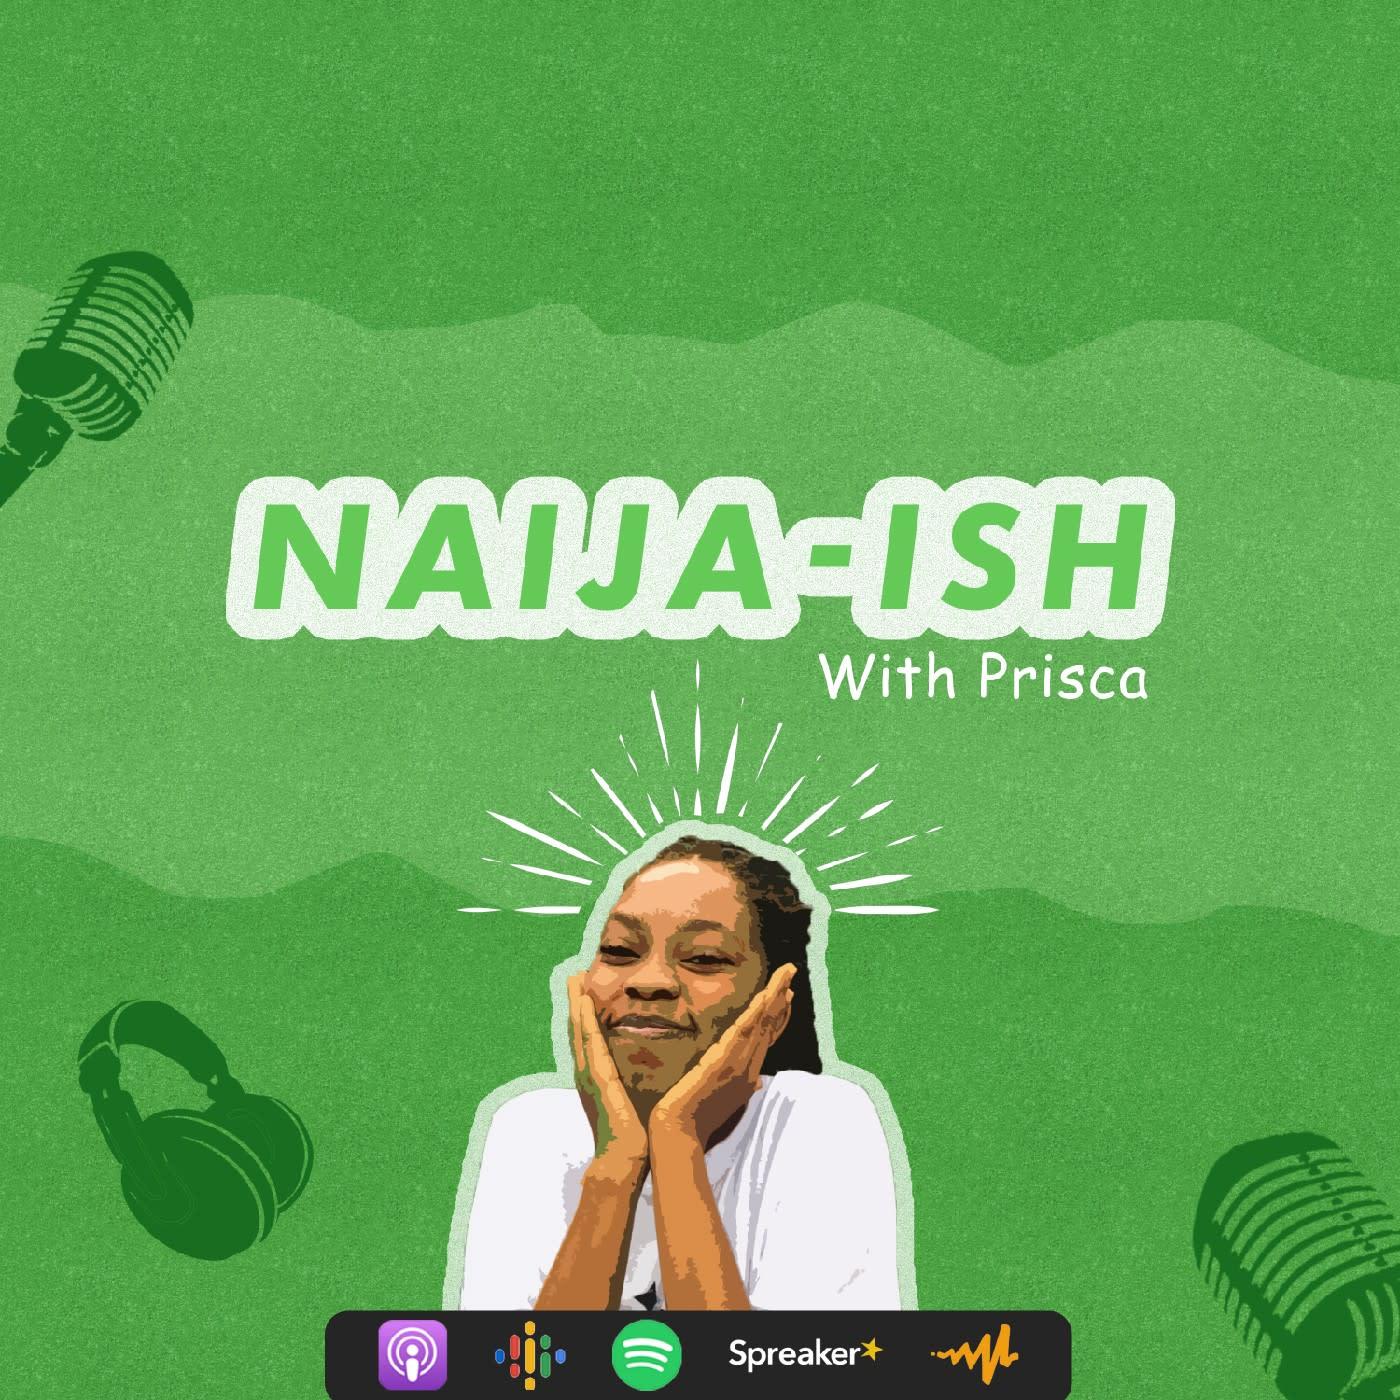 Naija-ish podcast